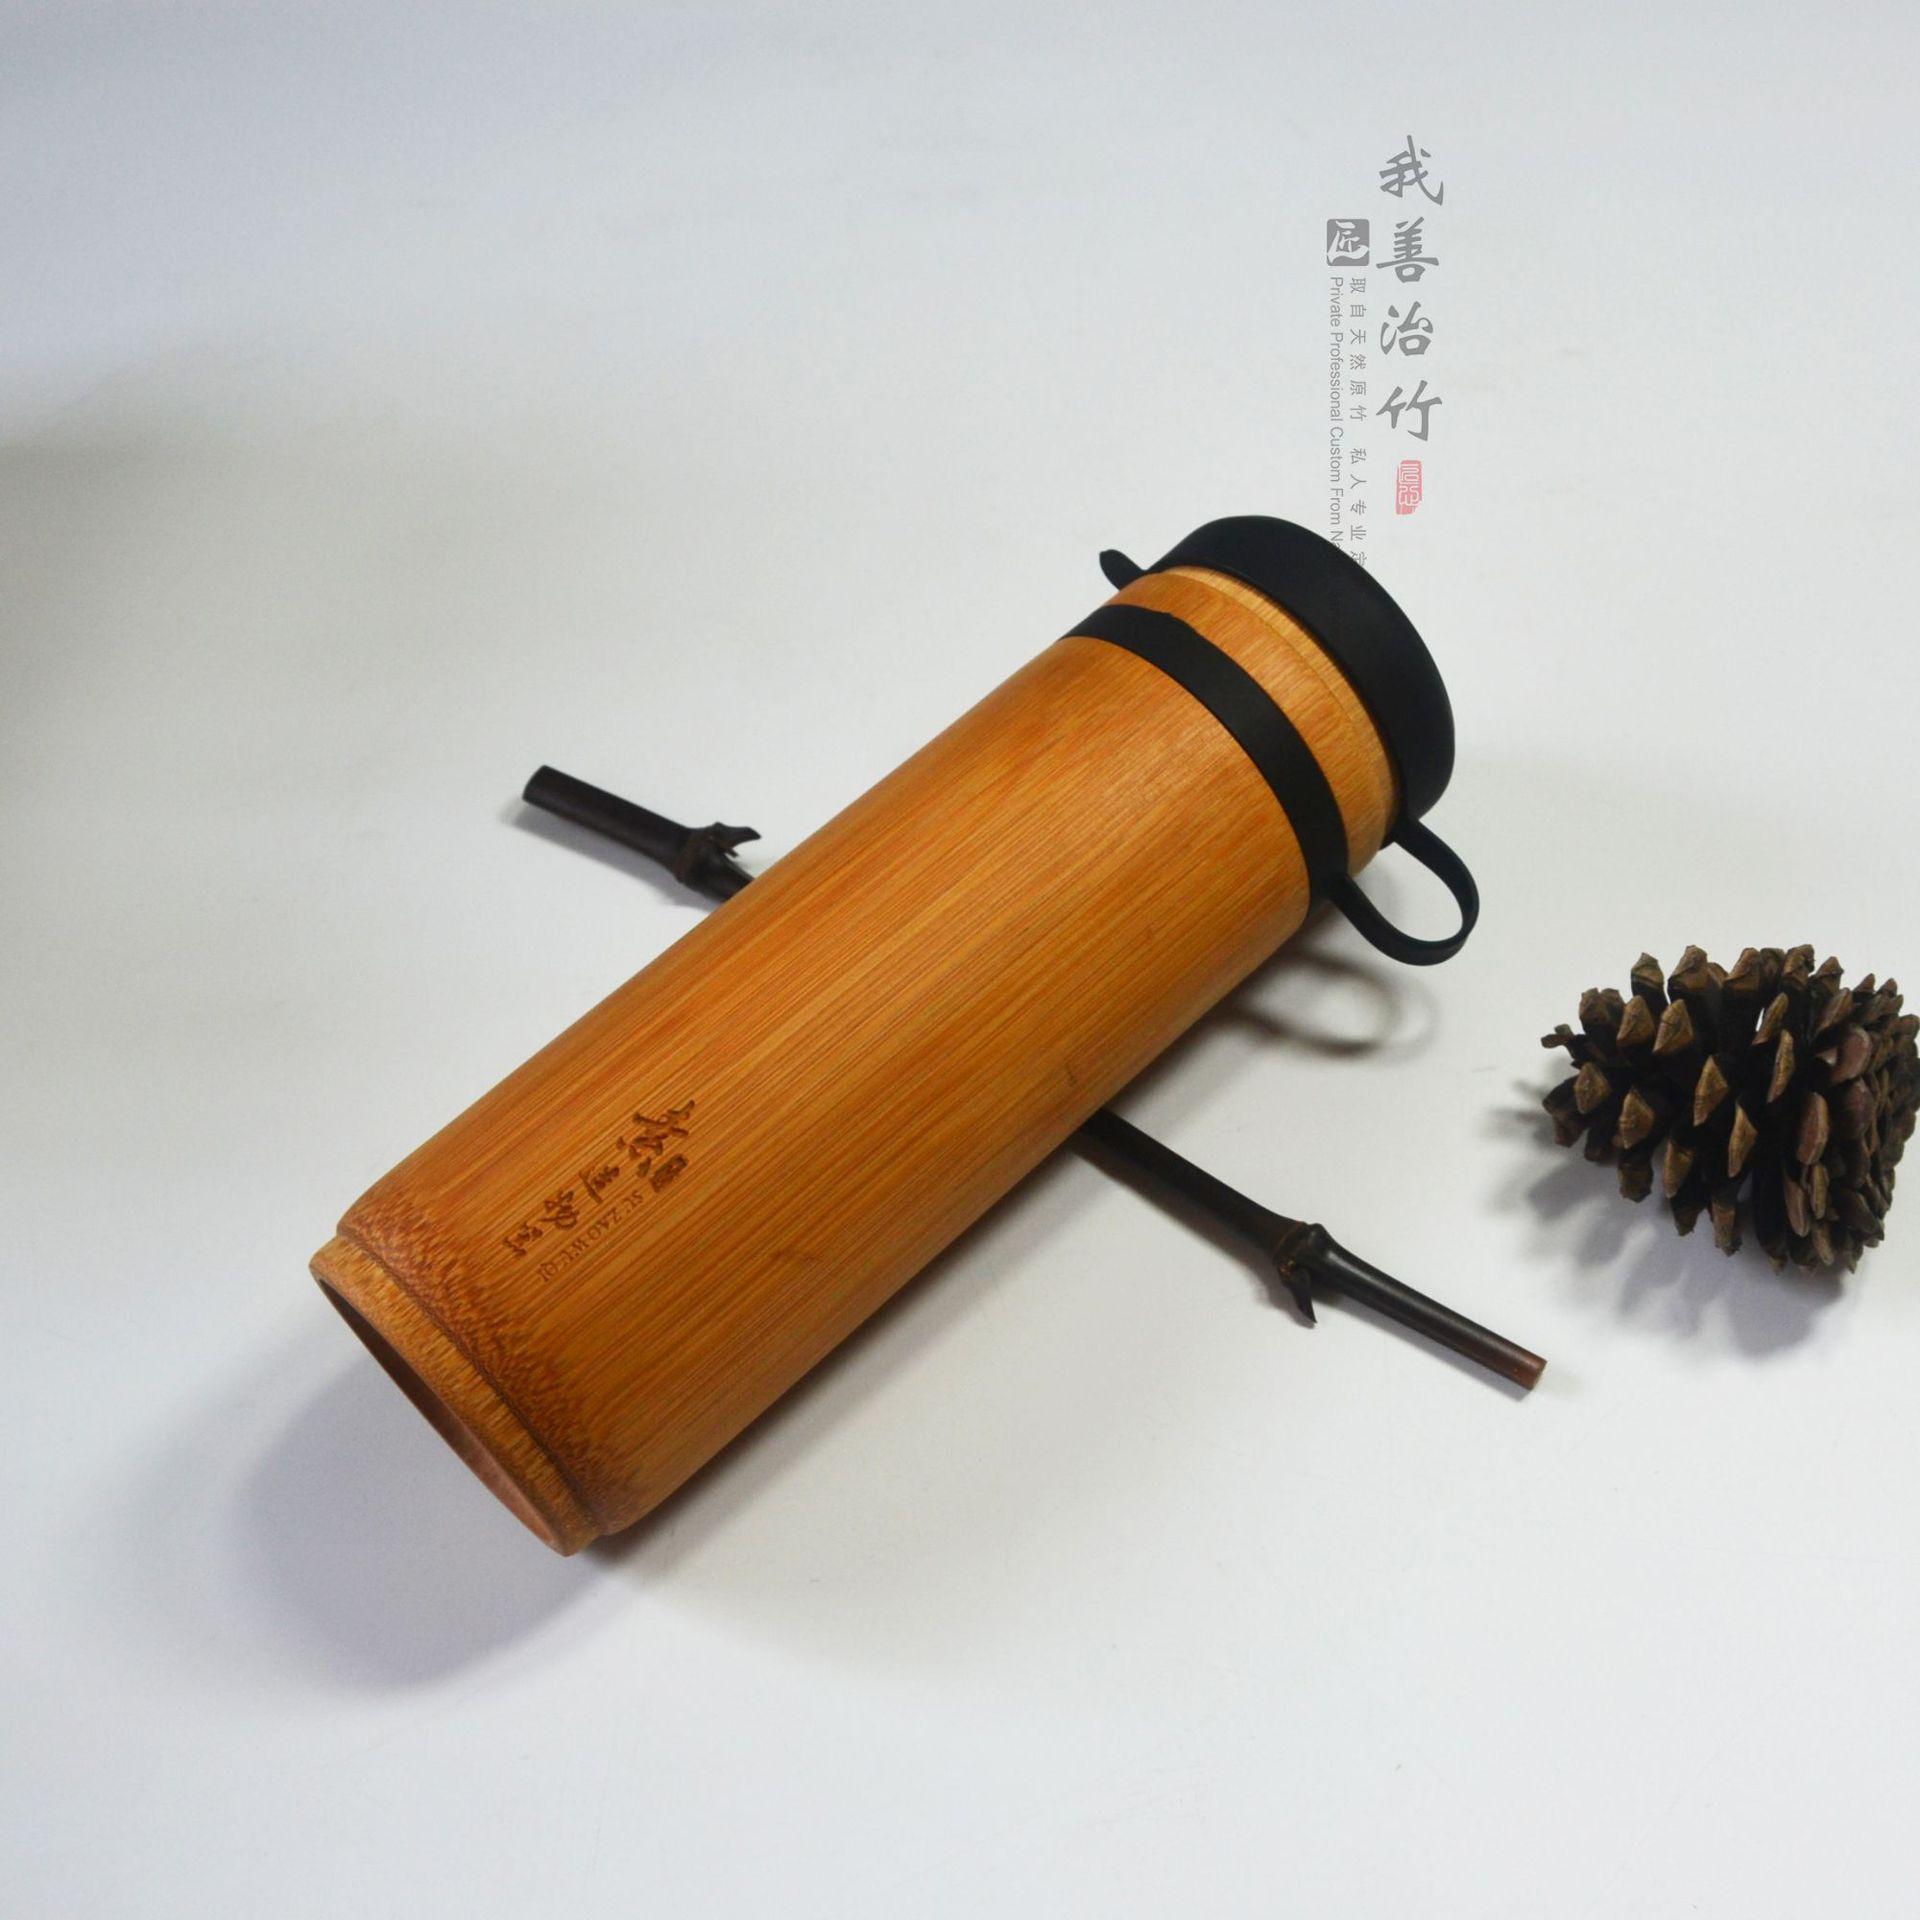 厂家直供竹杯竹水杯竹茶杯运动竹杯车载竹子杯天然外贸出口定制